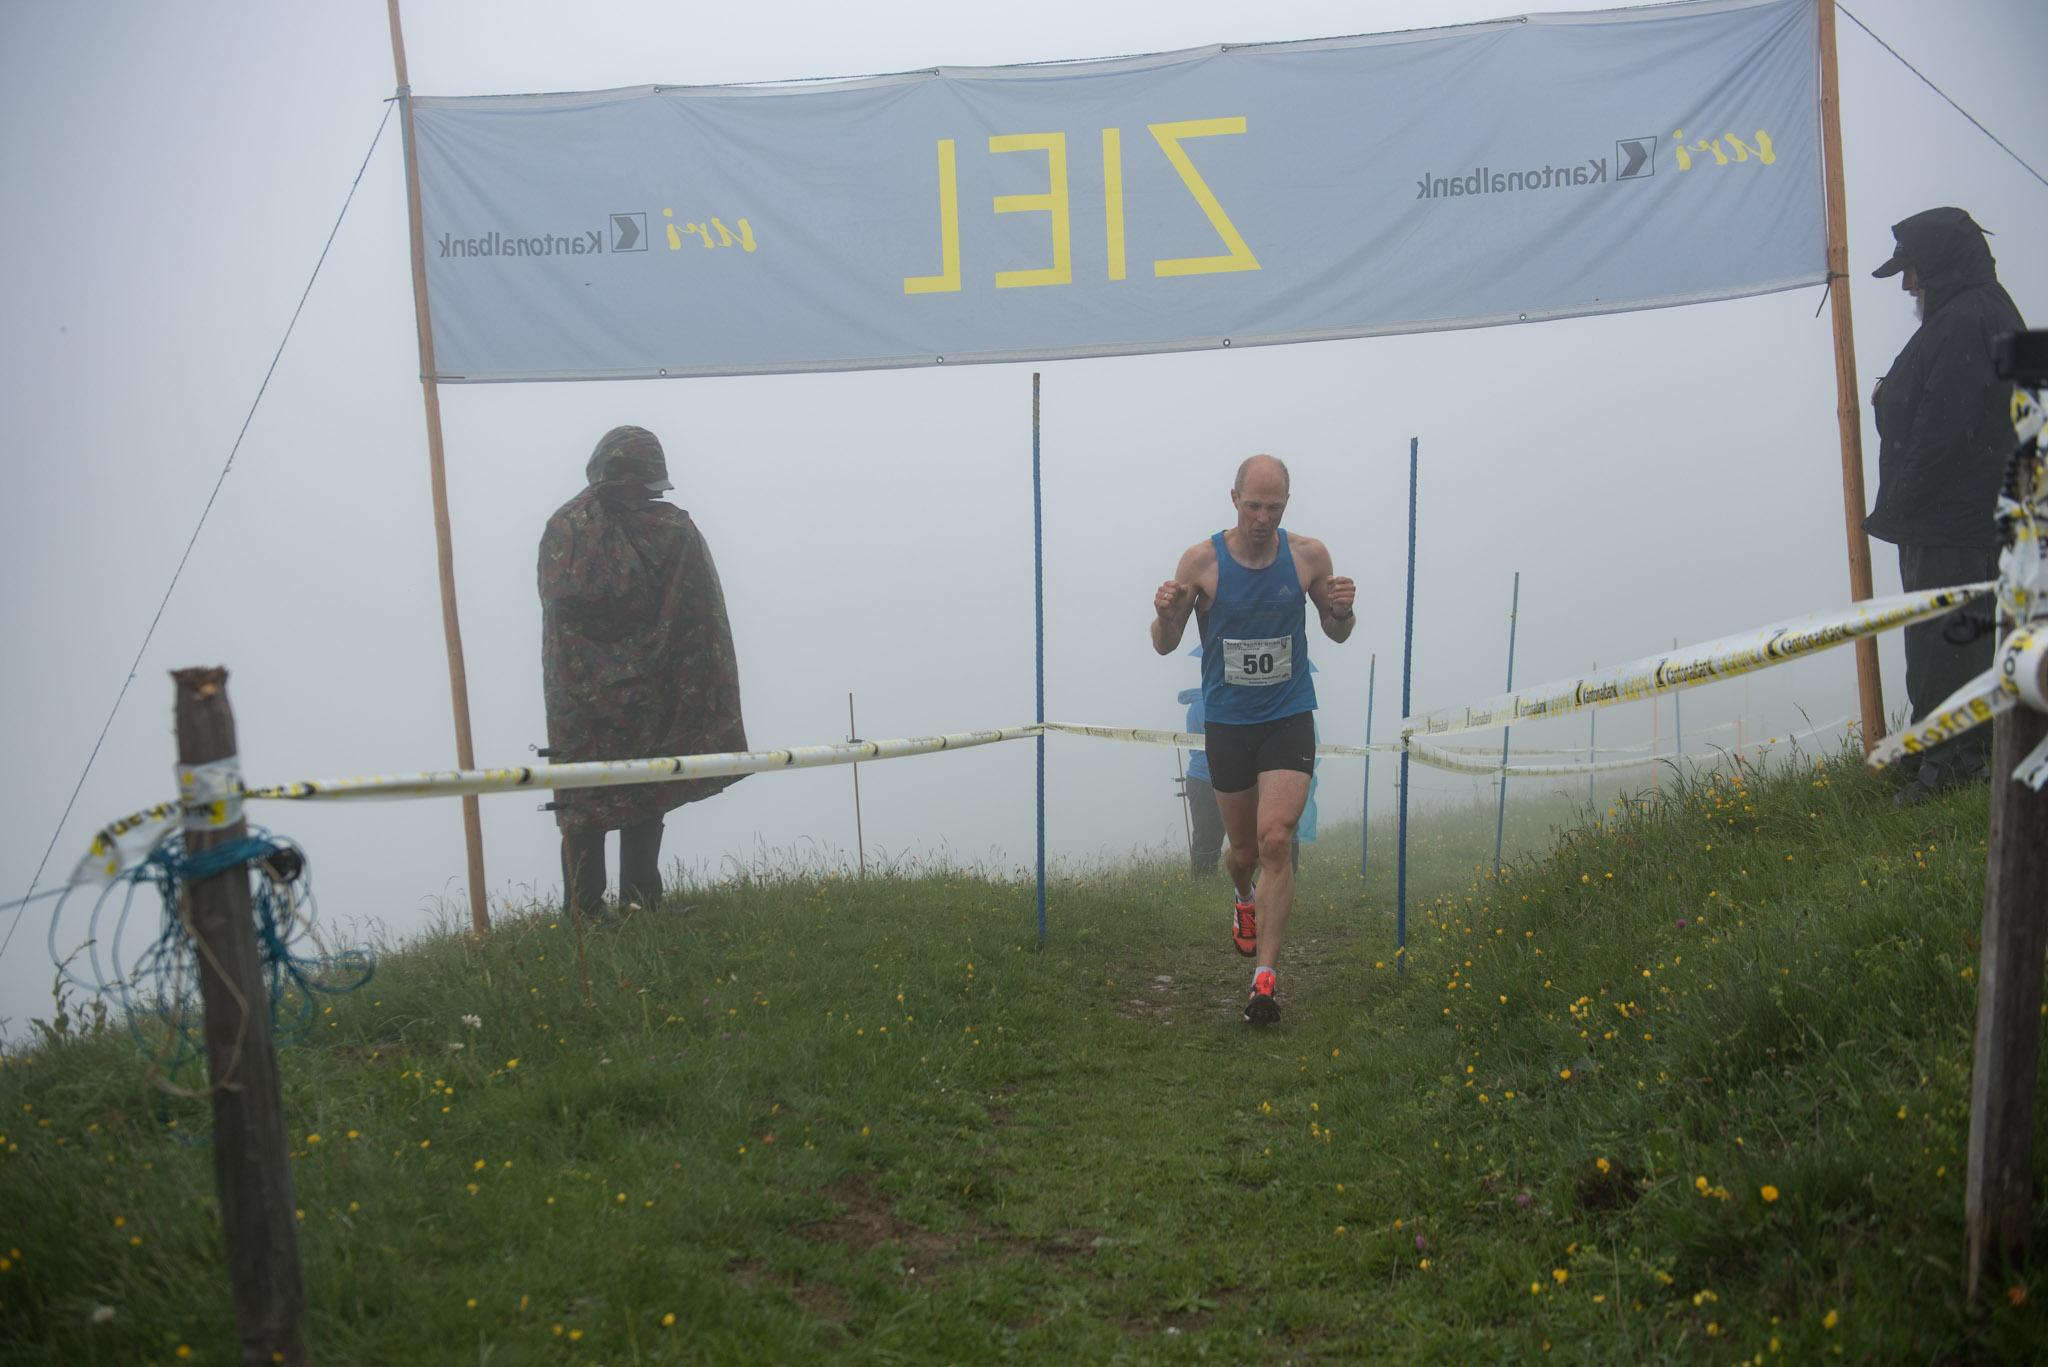 Berglauf_0021.jpg